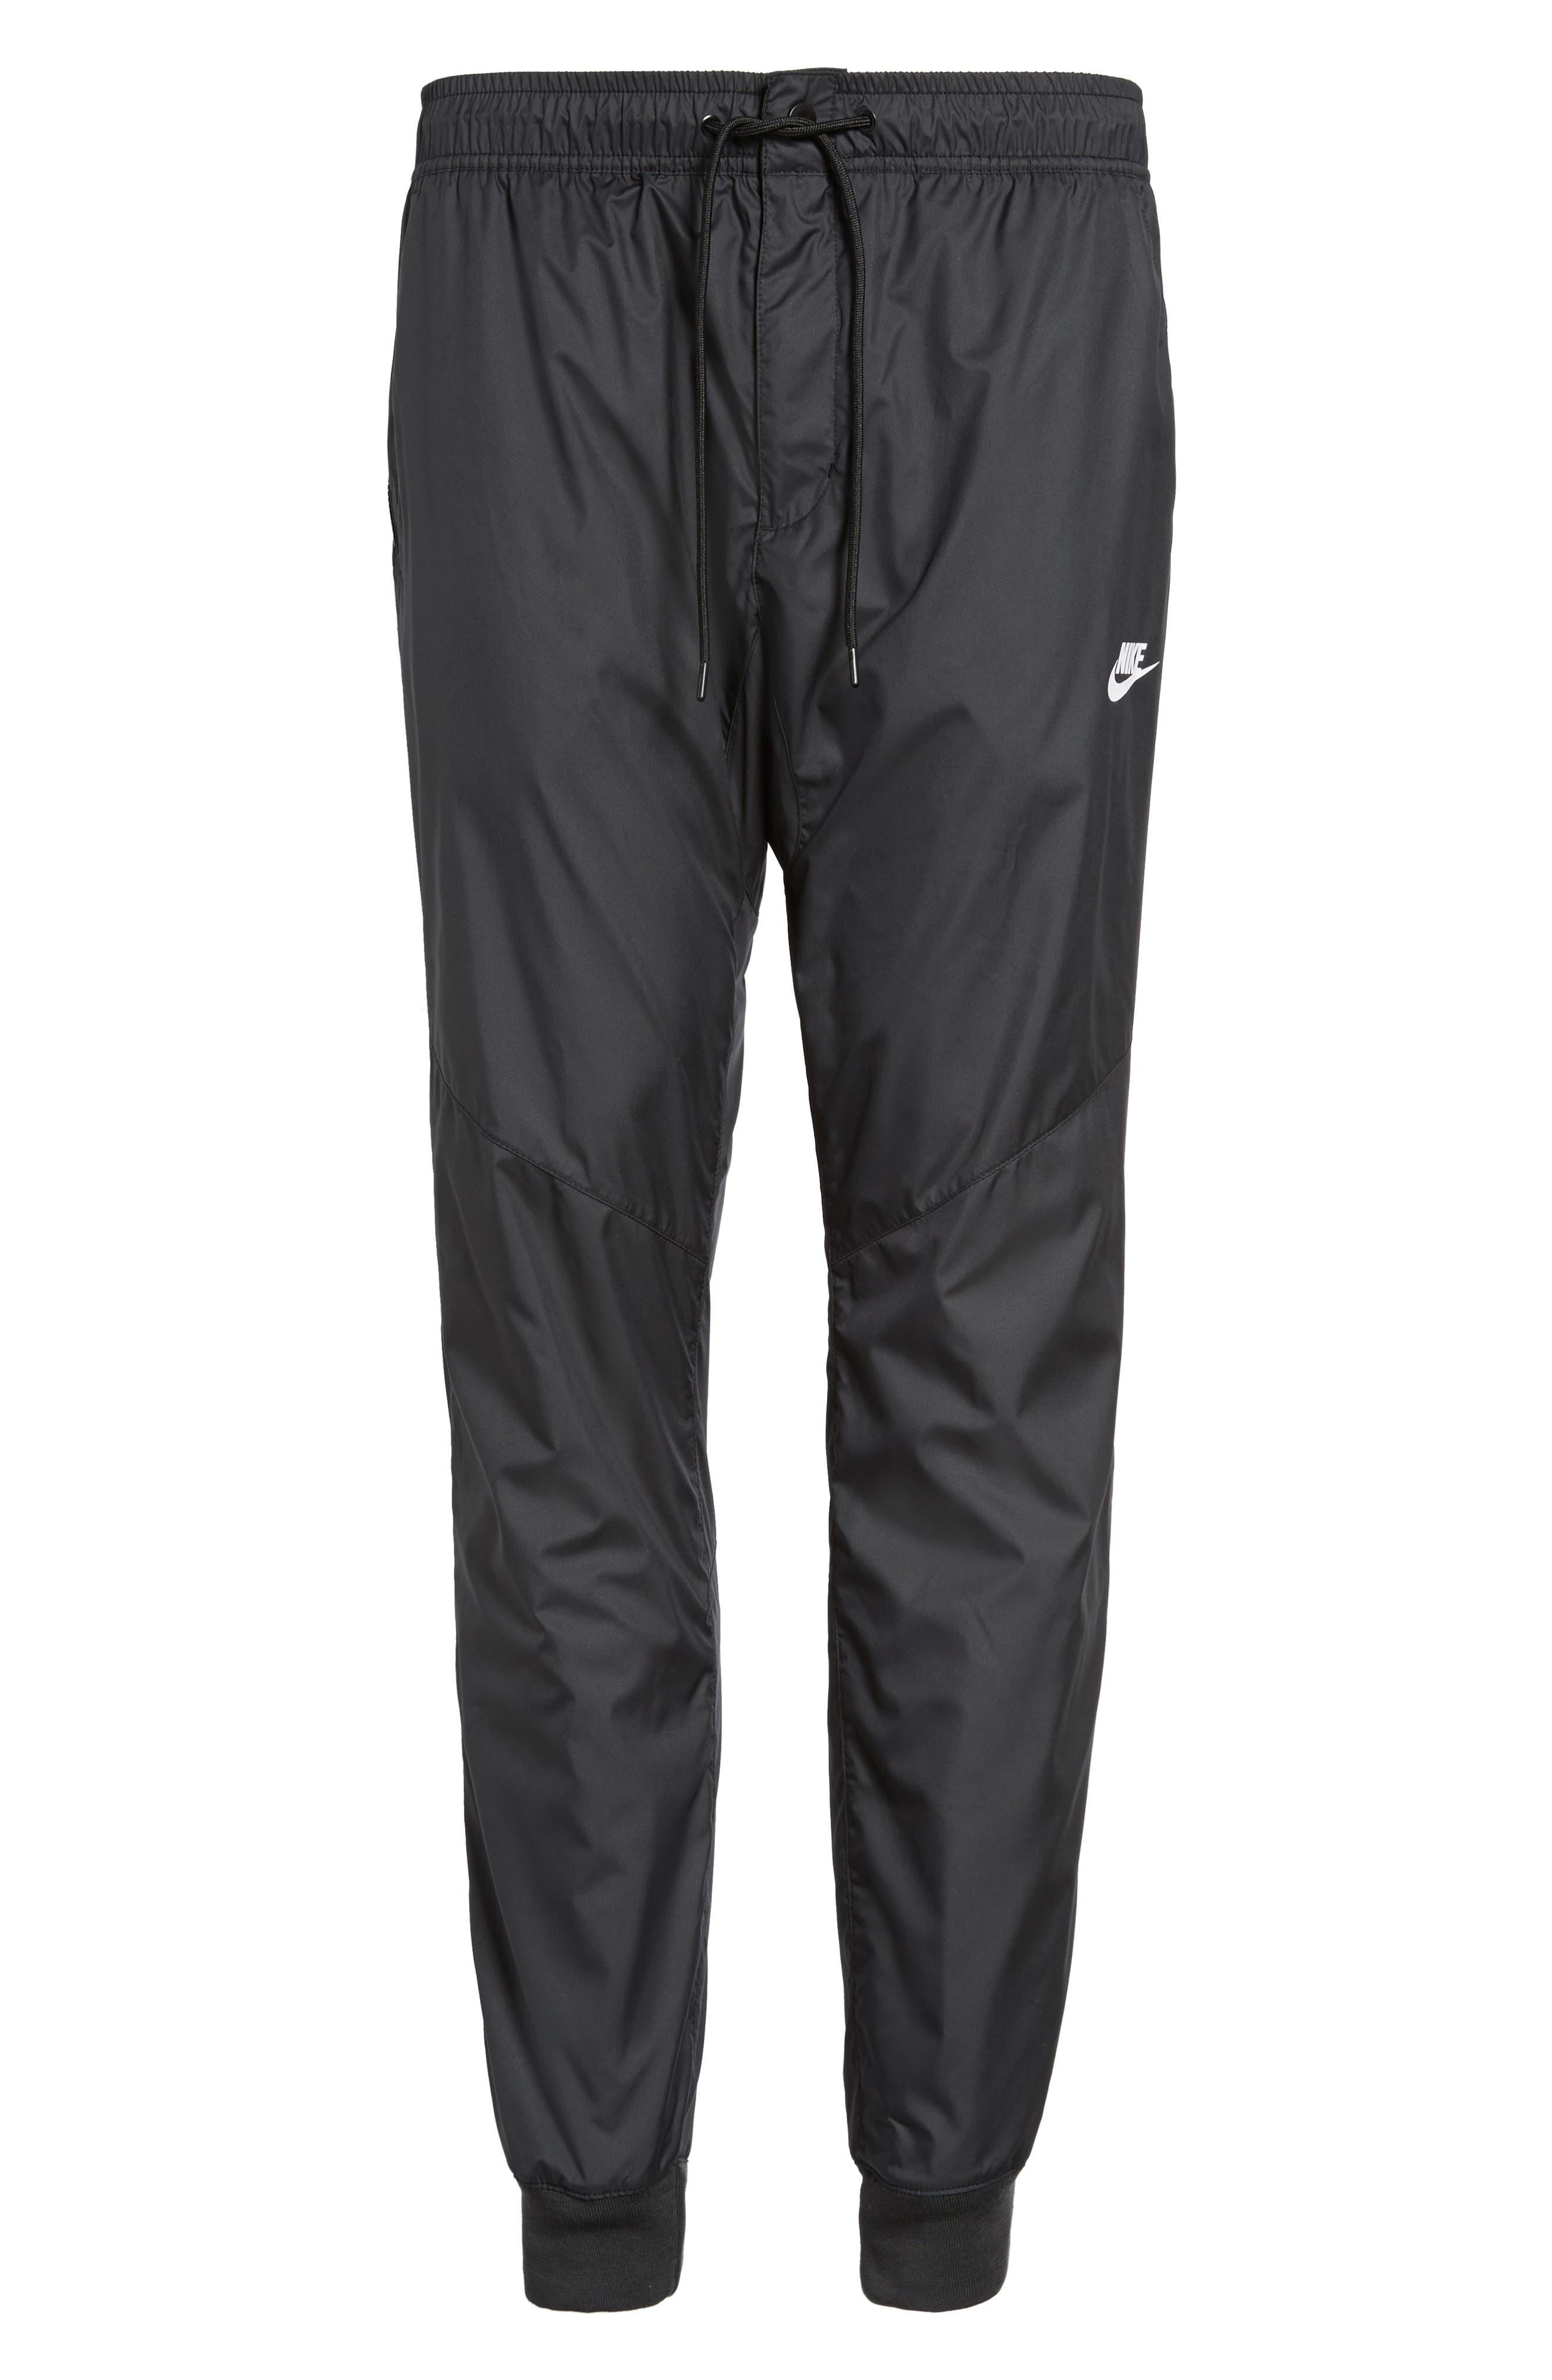 Windrunner Training Pants,                             Alternate thumbnail 6, color,                             Black/ Black/ Black/ White